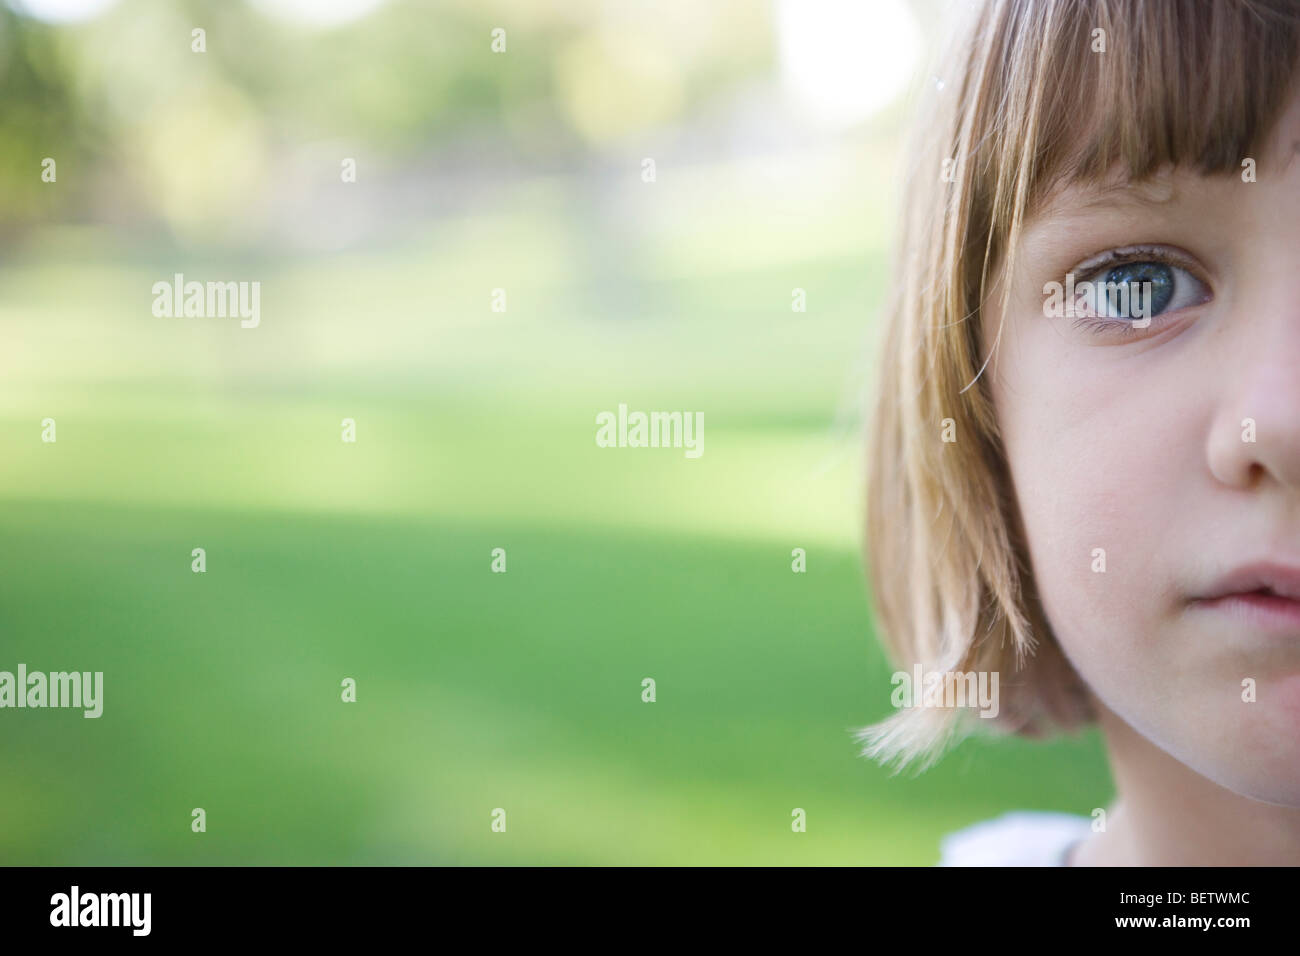 Sept ans girl looking at camera avec sérieux, fond vert, à l'extérieur, gros plan du visage Photo Stock